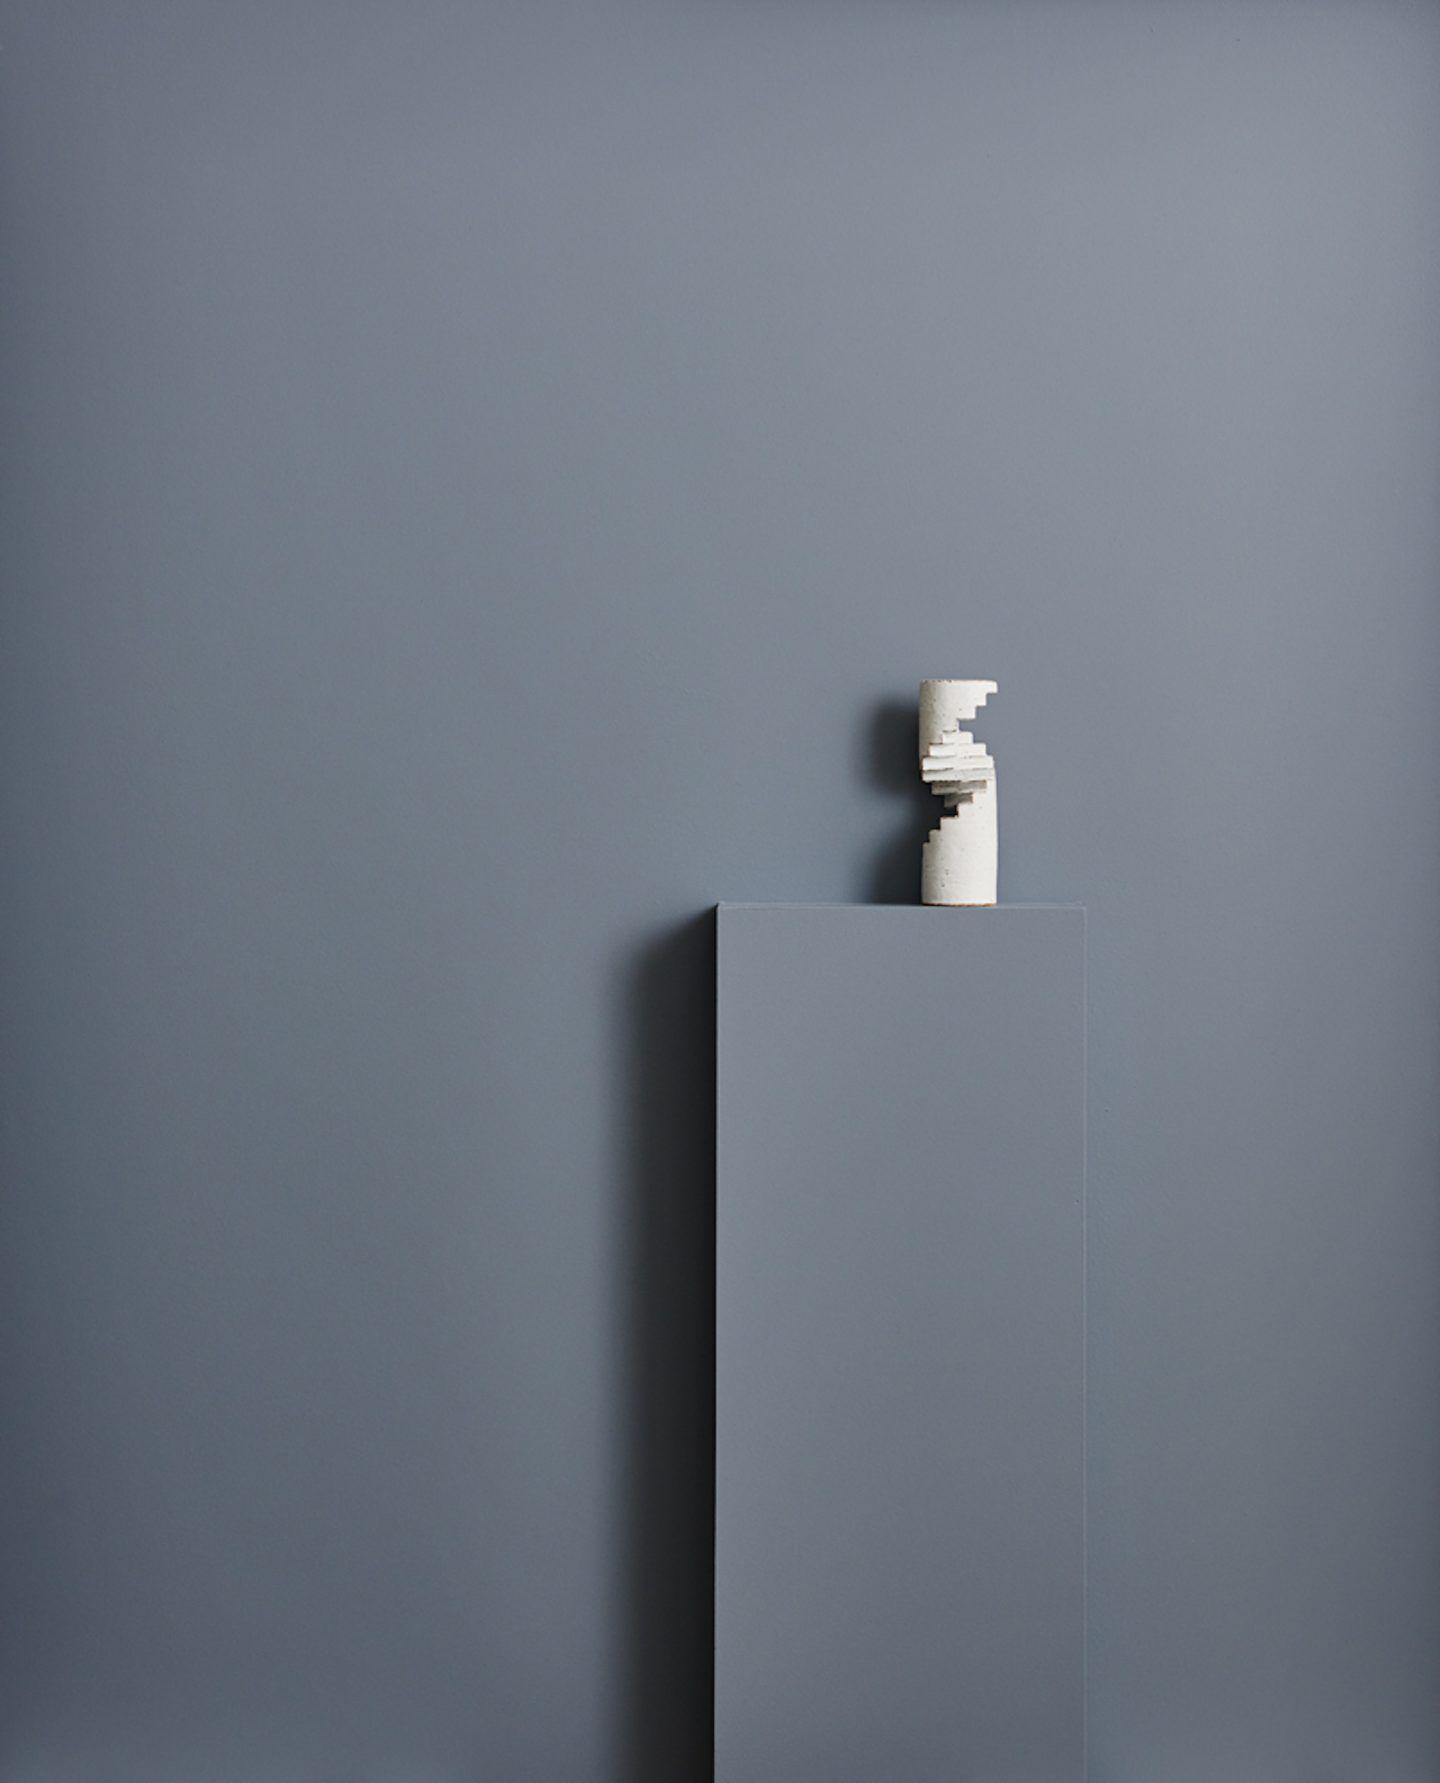 IGNANT-Design-Bruce-Rowe-Structures-011